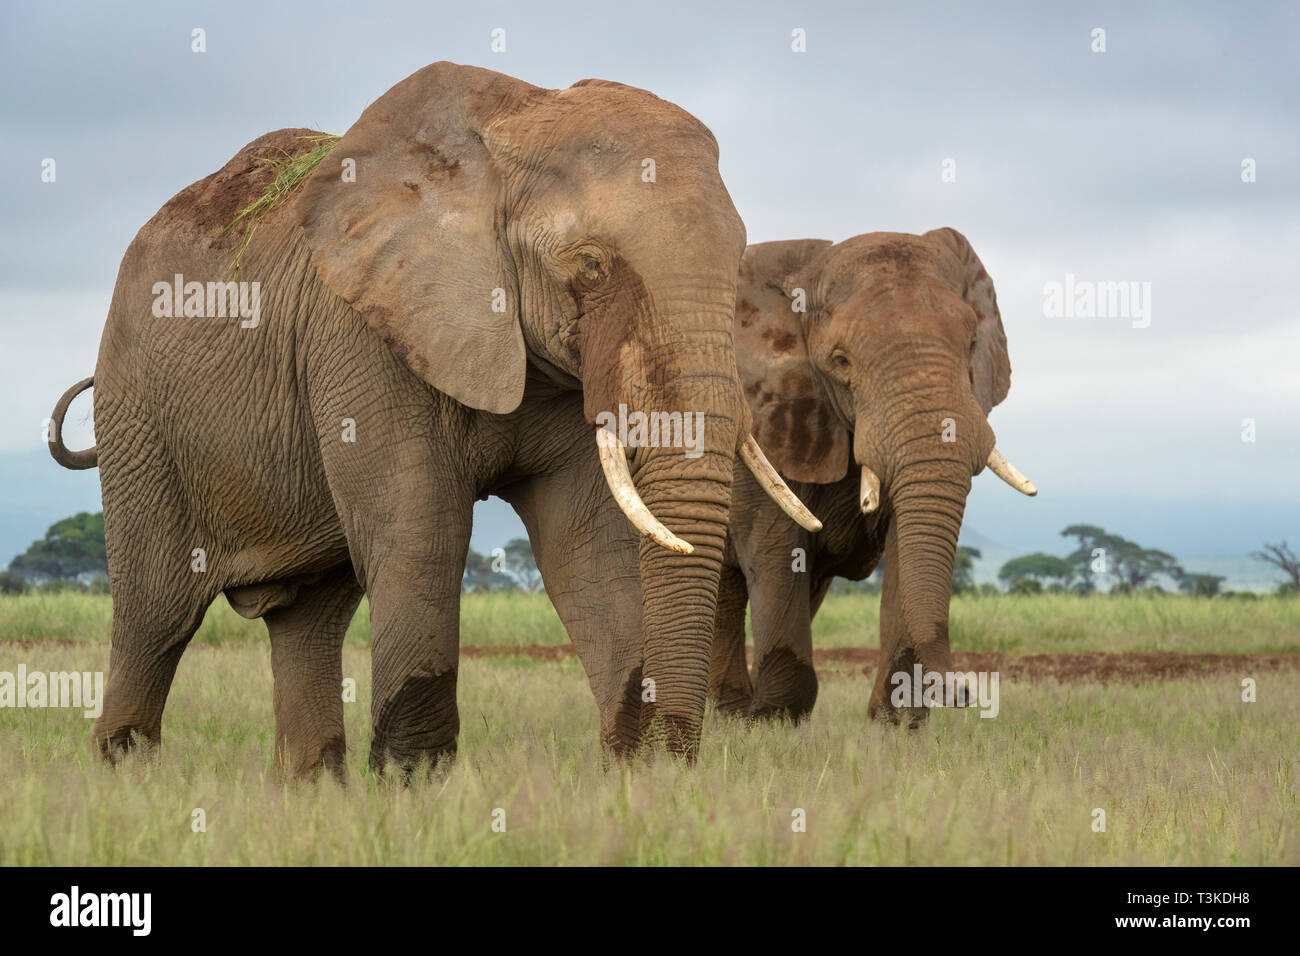 Two African elephant (Loxodonta africana) bull walking together on savanna, Amboseli national park, Kenya. - Stock Image